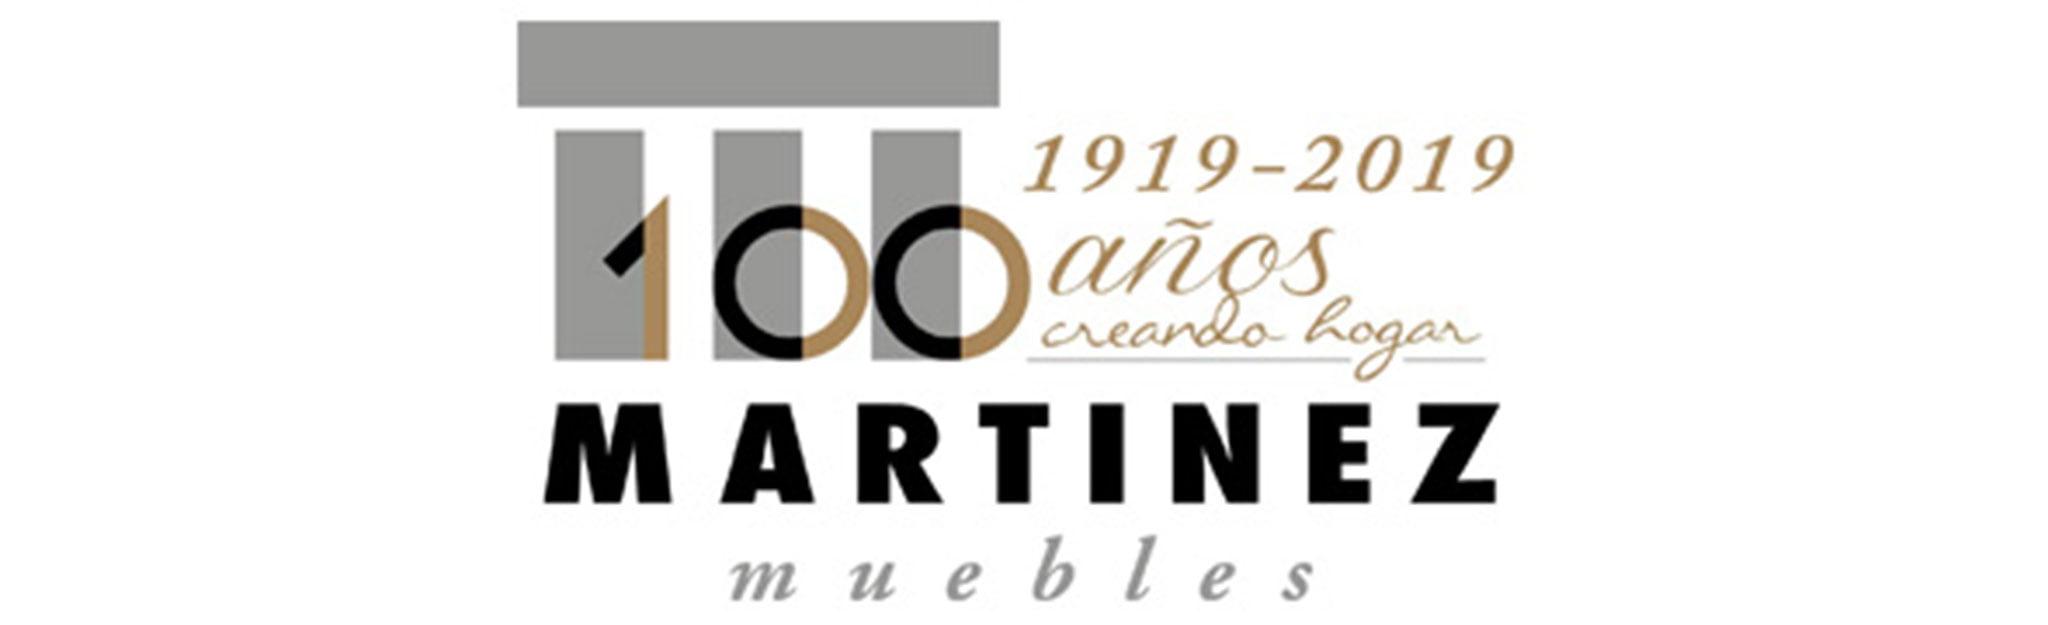 Logotipo Muebles Martínez